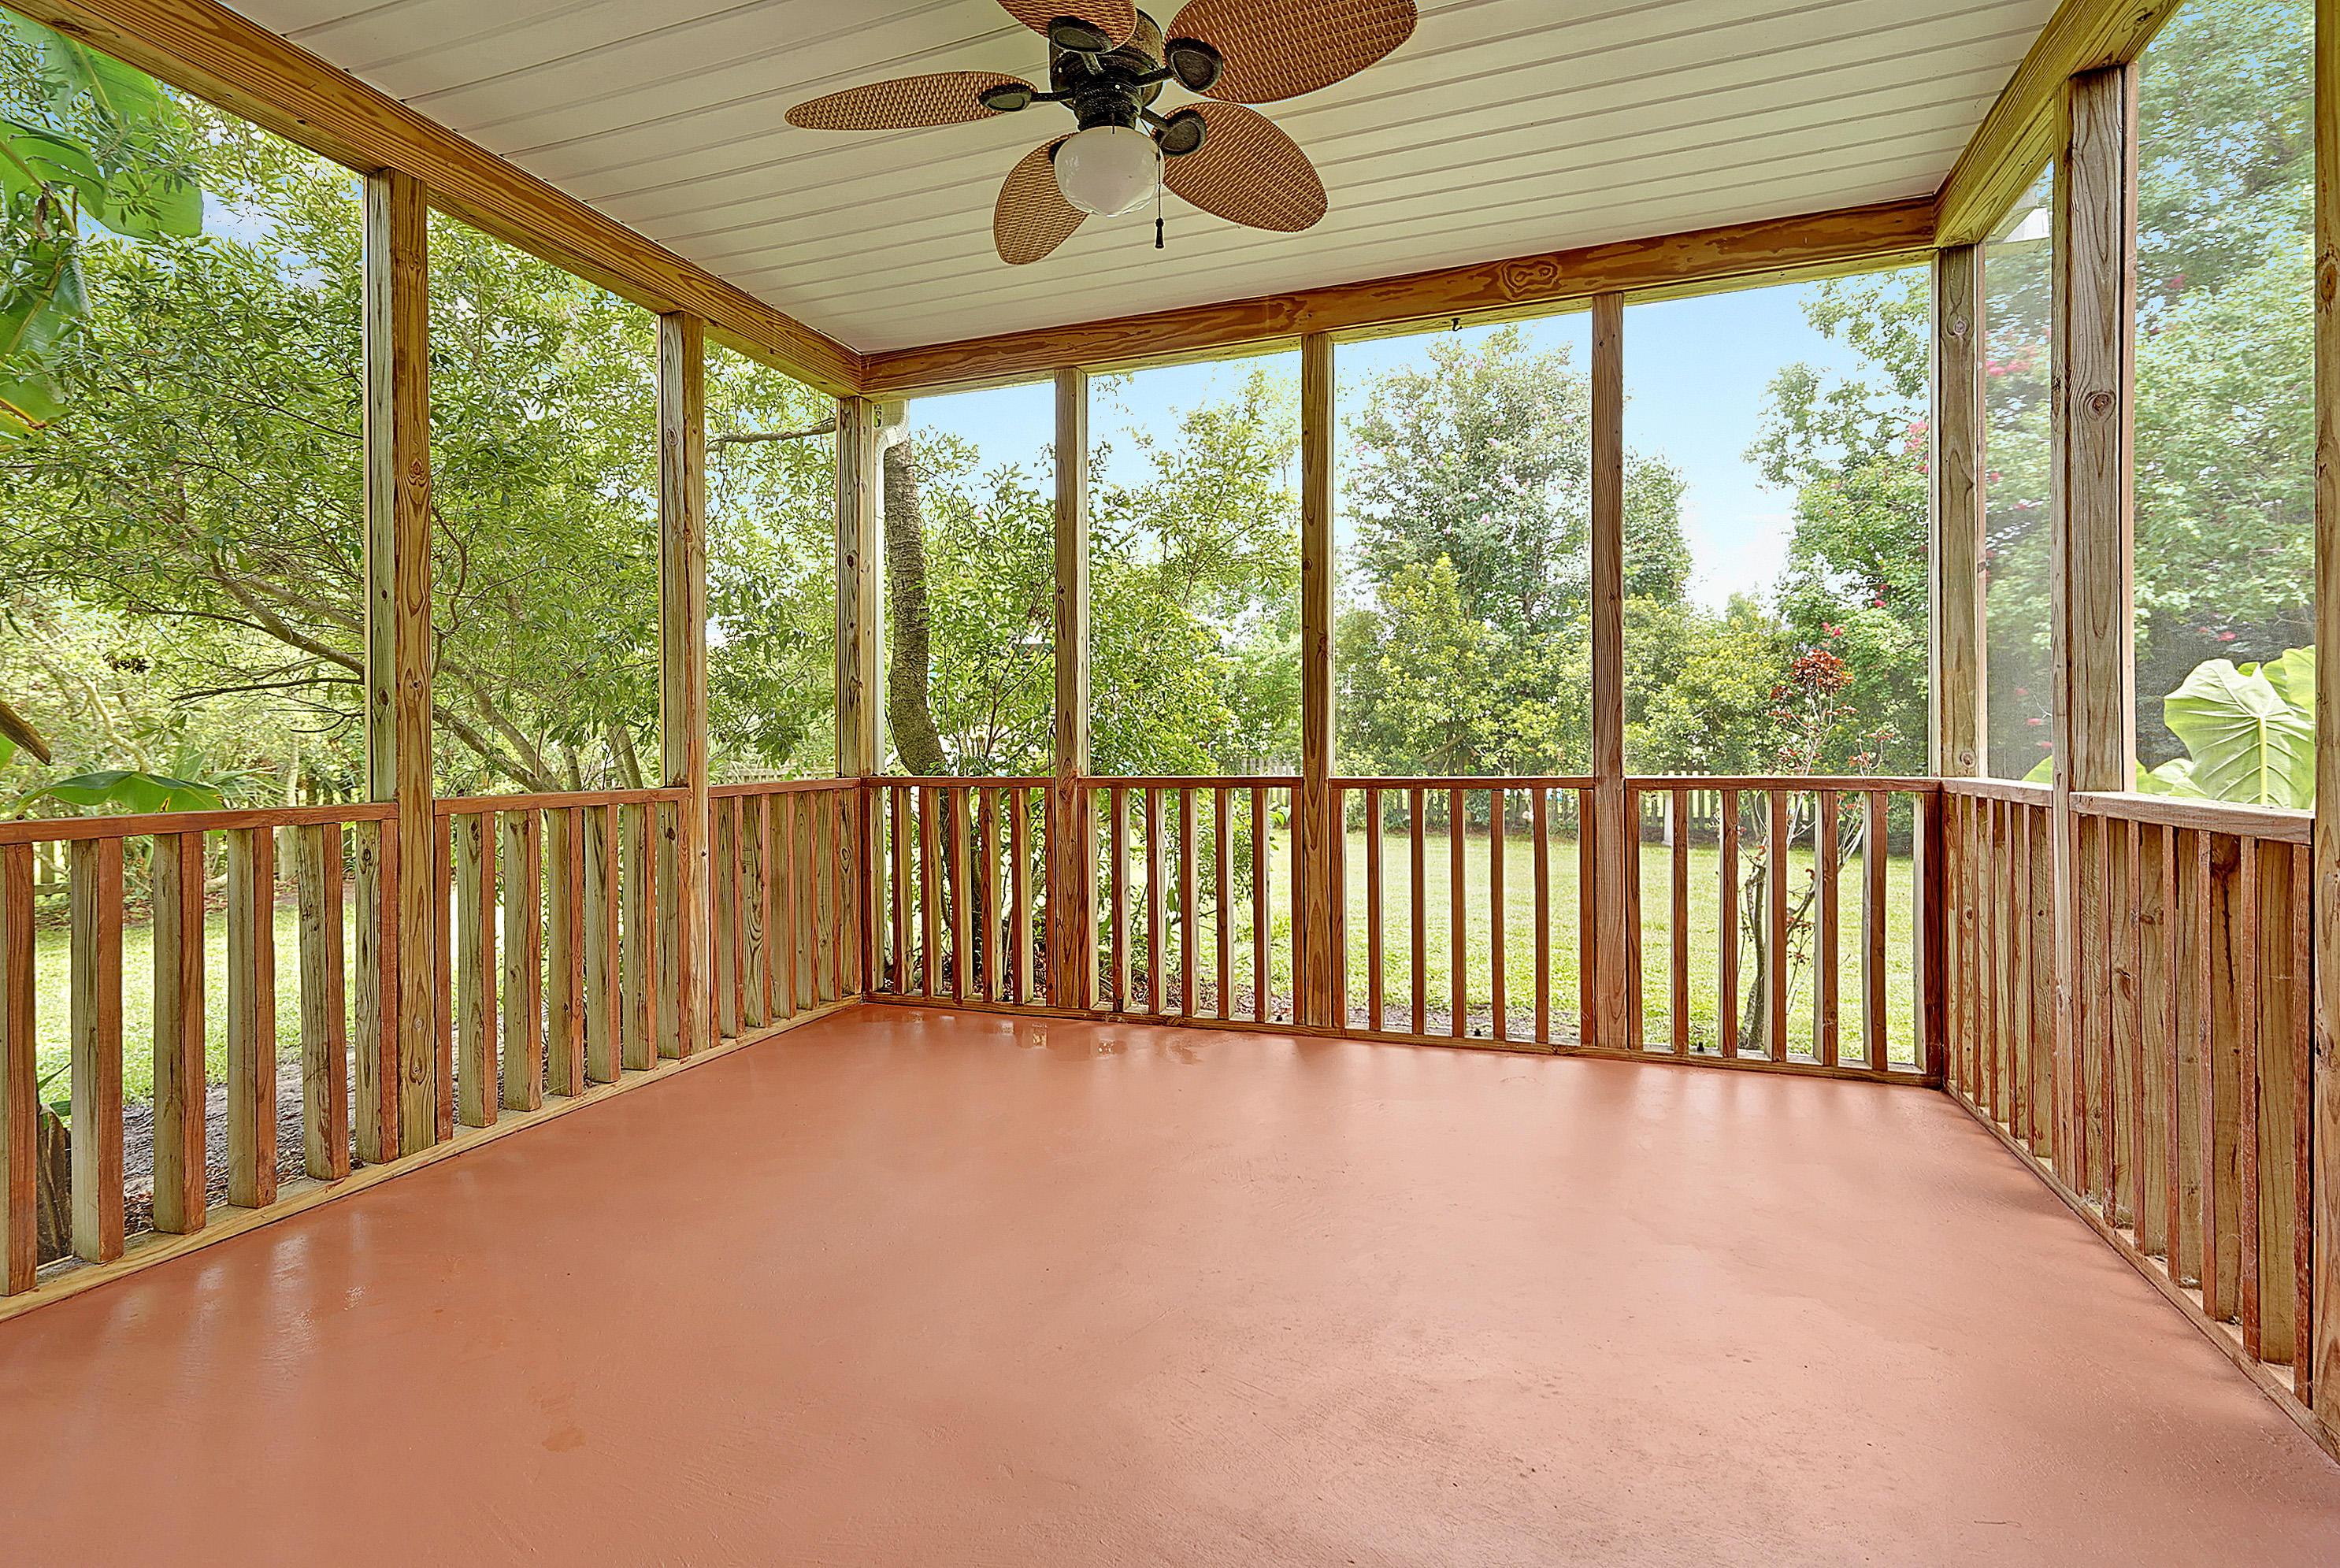 Park West Homes For Sale - 2391 Parsonage Woods, Mount Pleasant, SC - 0